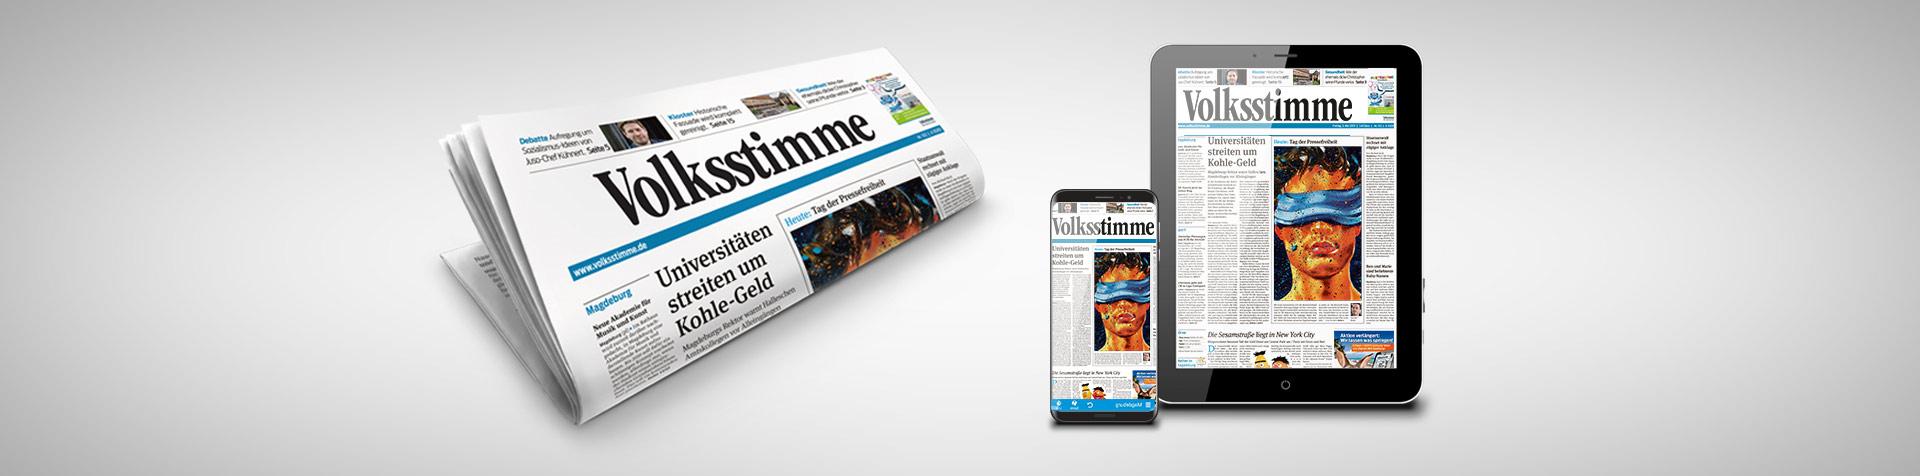 Titelbild Volksstimme Tageszeitung PackShot und ePaper